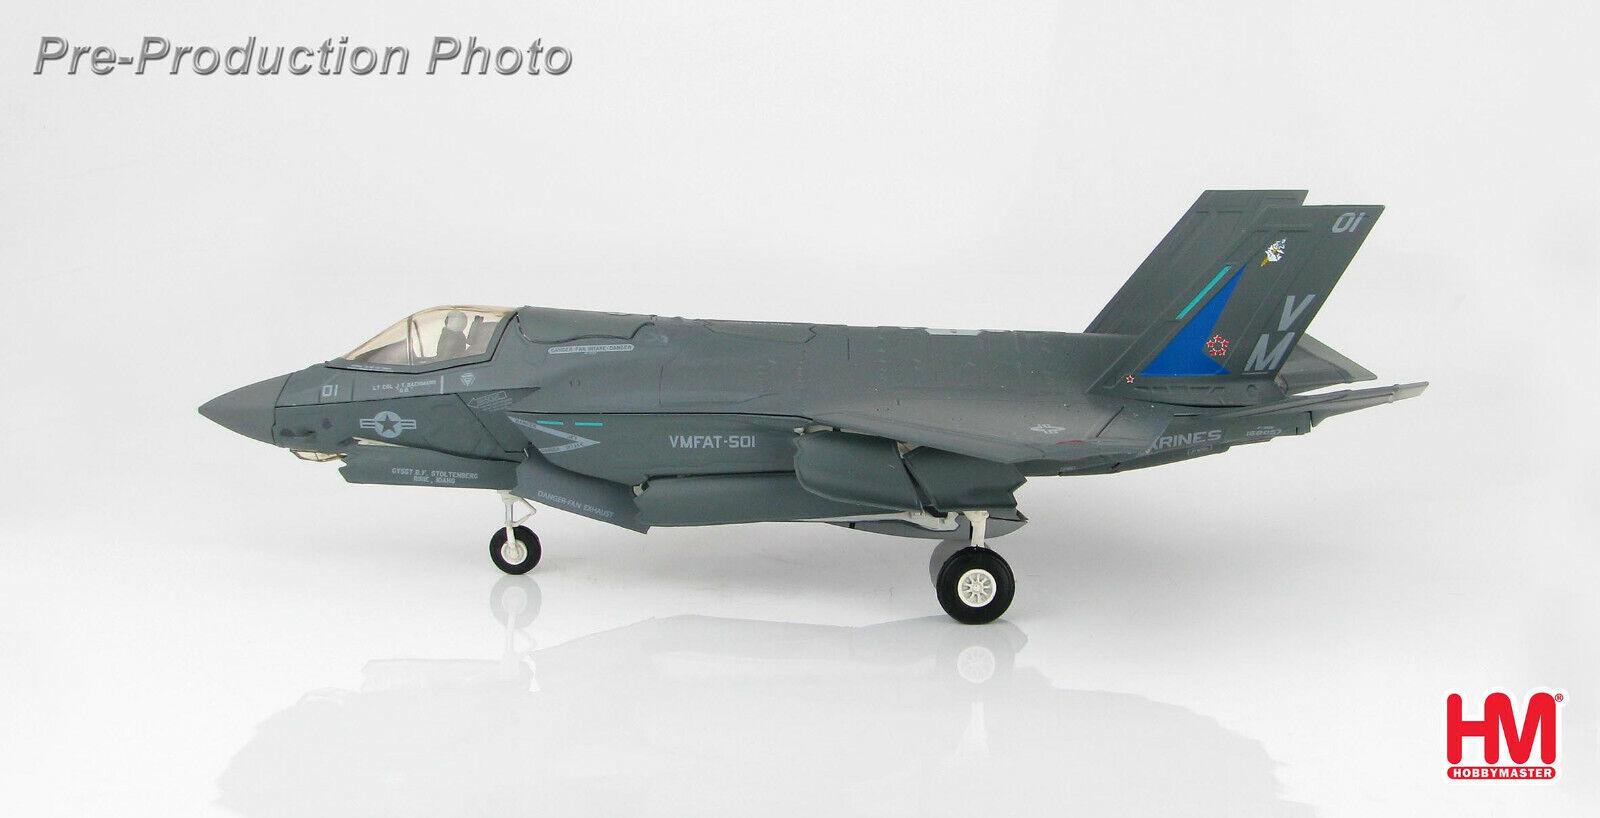 clásico atemporal Hobby Master HA4606 - 1 72 Lockheed Martin Martin Martin F-35B Lightning Ii VMFAT - 501  artículos de promoción